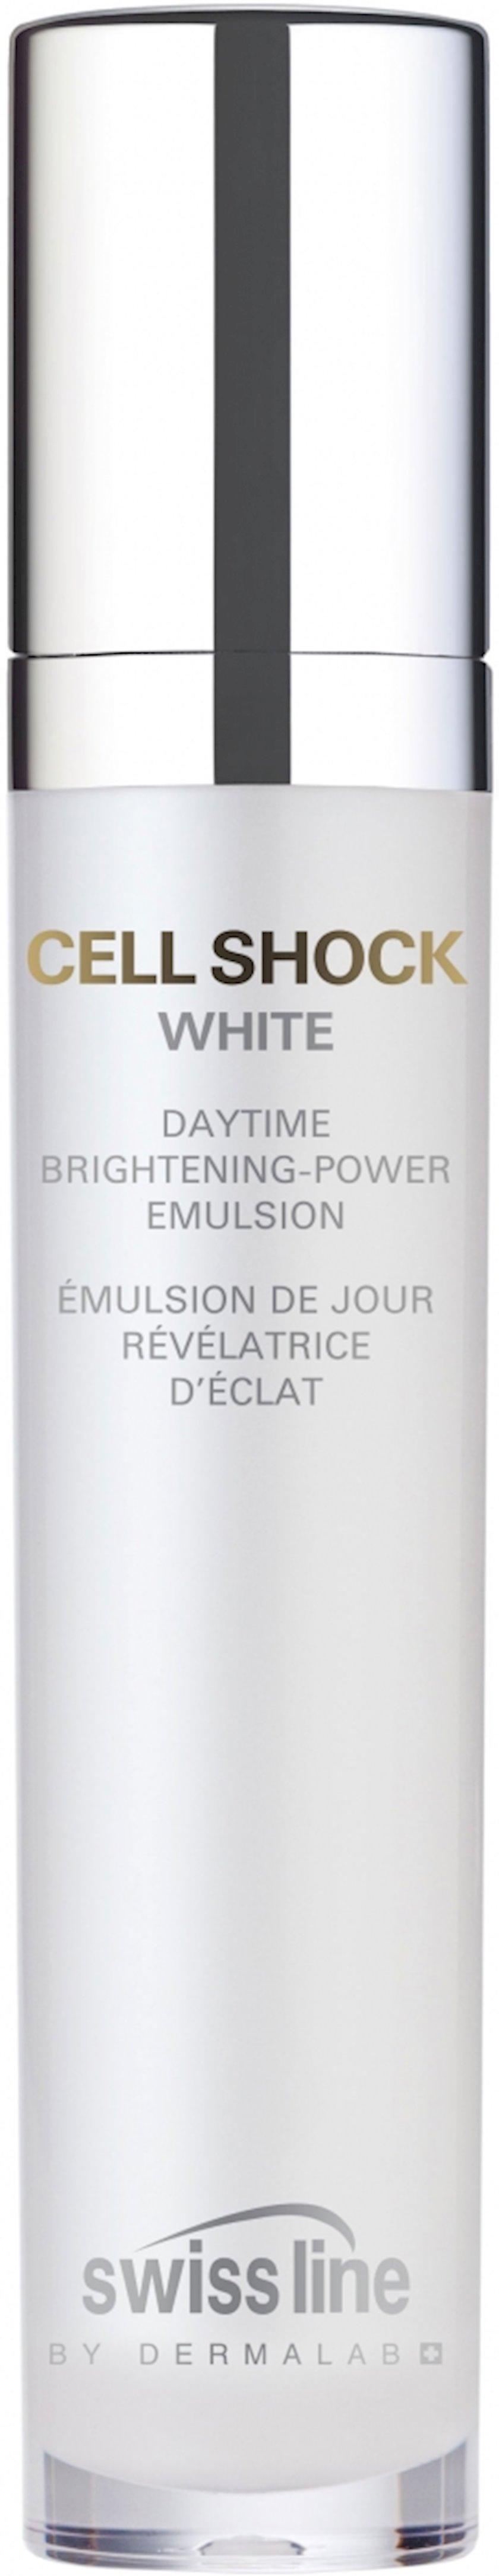 Ağardıcı gündüz emulsiyası Swissline Cell Shock White, 50 ml